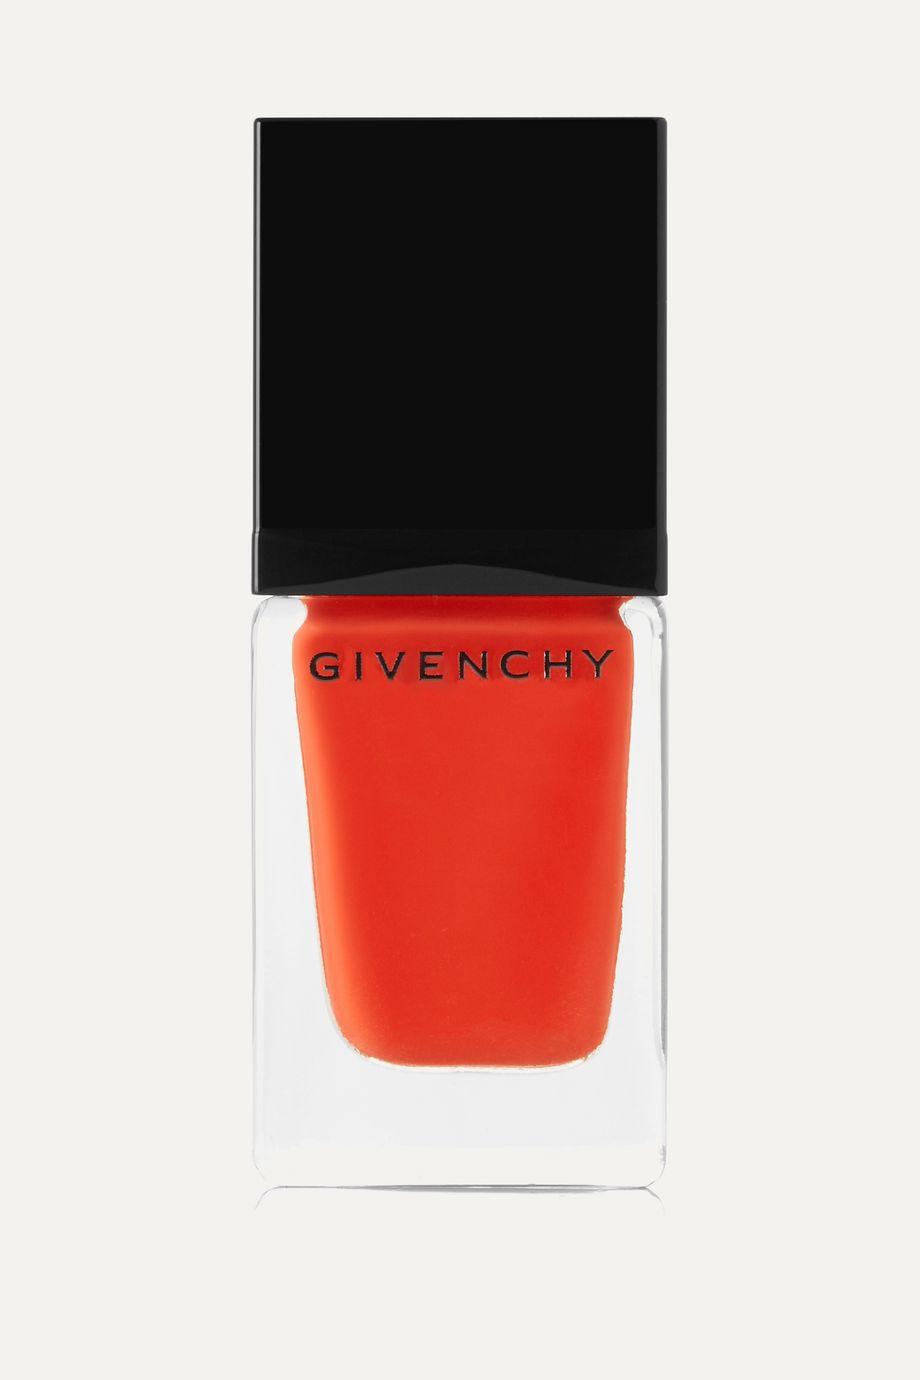 Givenchy Beauty Nail Polish - Vivid Orange 14